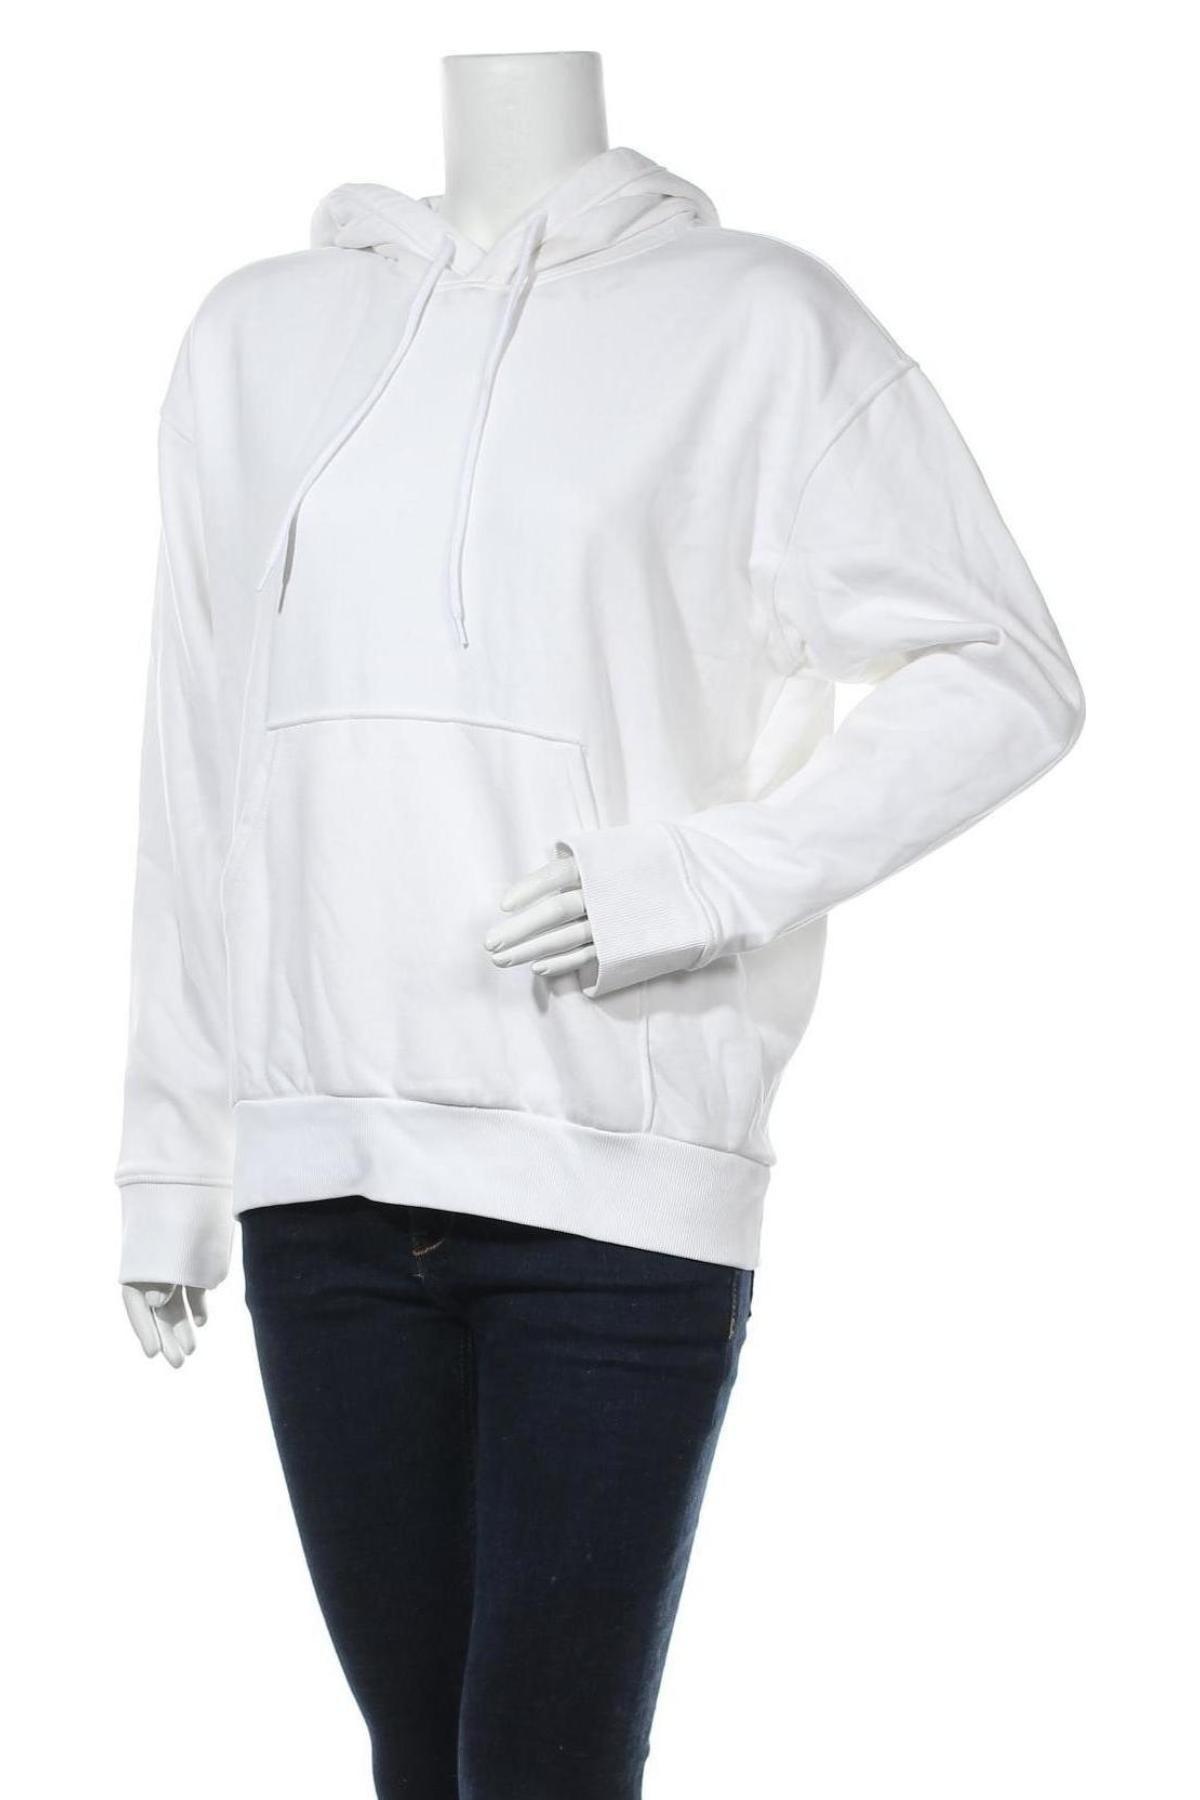 Γυναικείο φούτερ Weekday, Μέγεθος XS, Χρώμα Λευκό, 80% βαμβάκι, 20% πολυεστέρας, Τιμή 12,86€